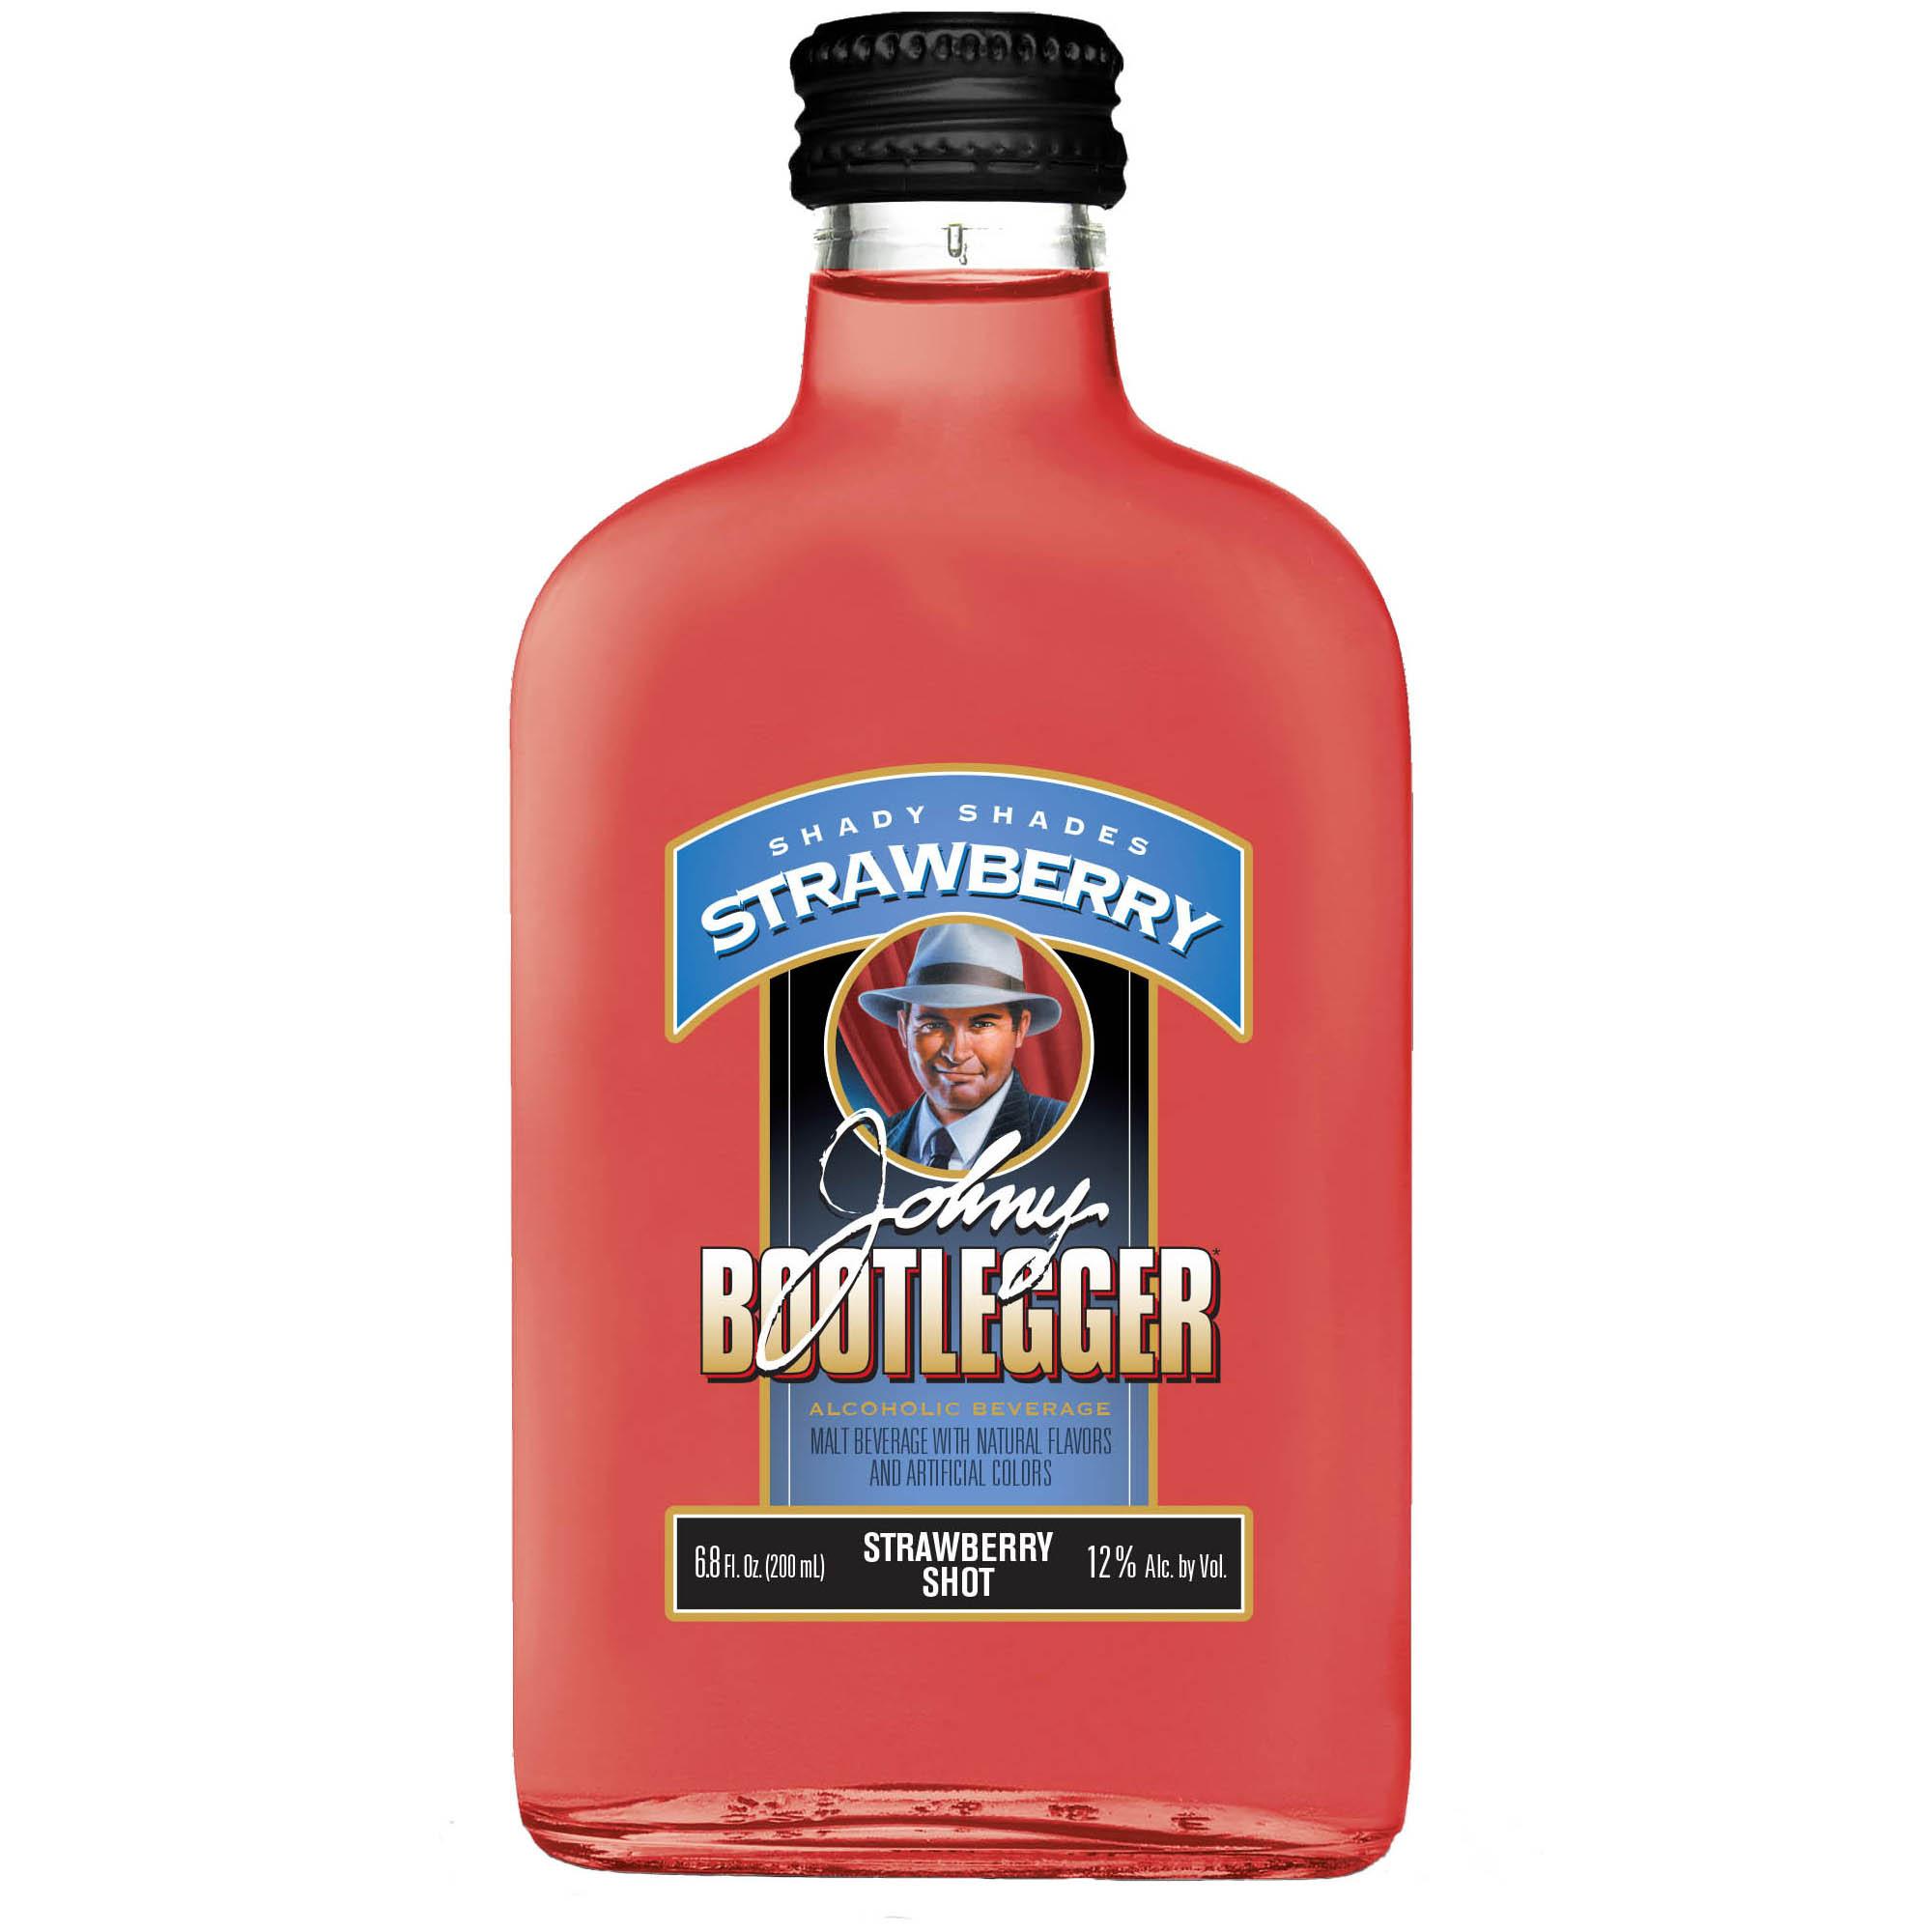 Johny Bootlegger, Shady Shades Strawberry